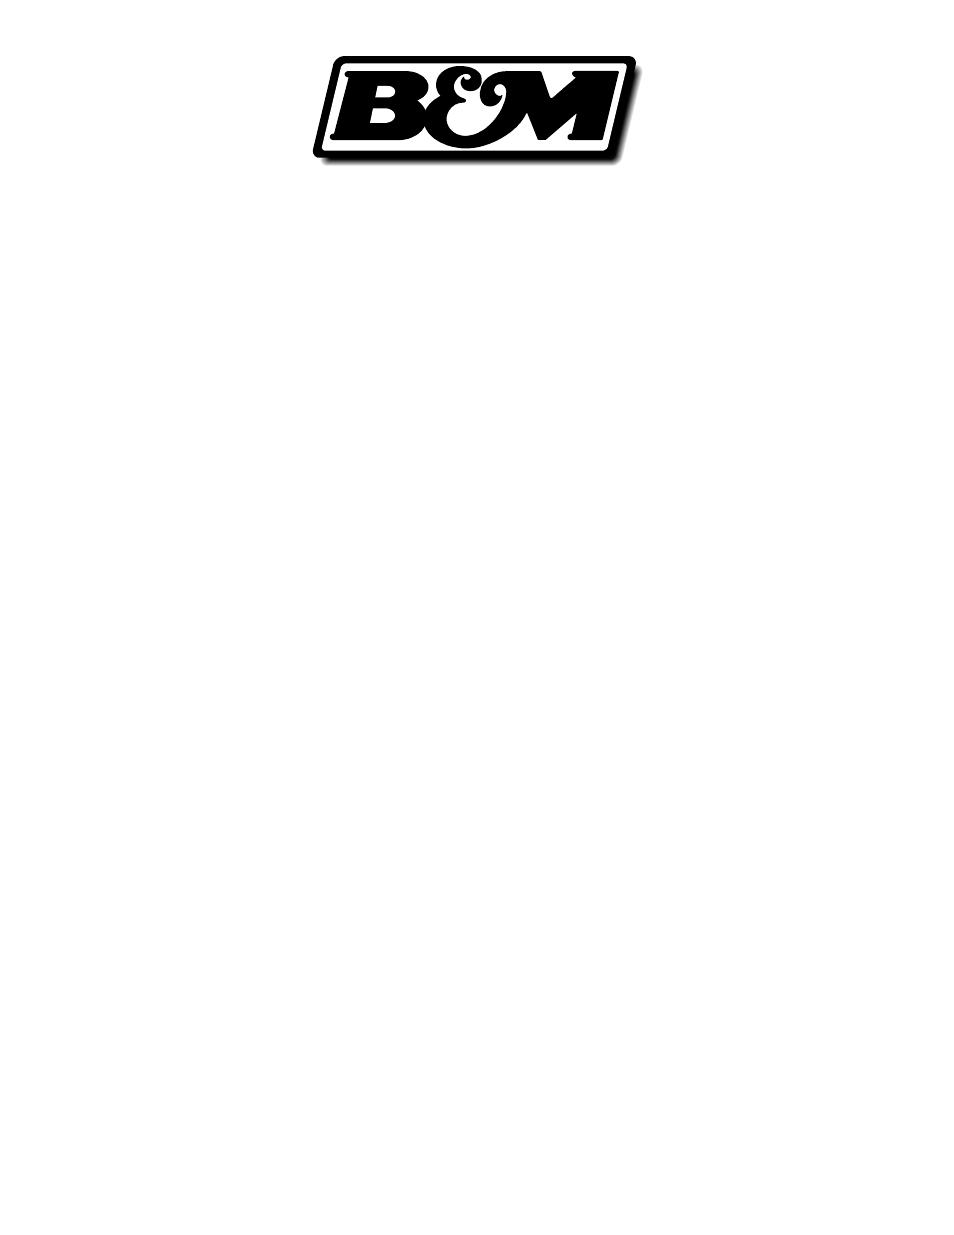 Bm 45126 Precision Sport Shifter Bmw E36 E46 User Manual 4 Pages